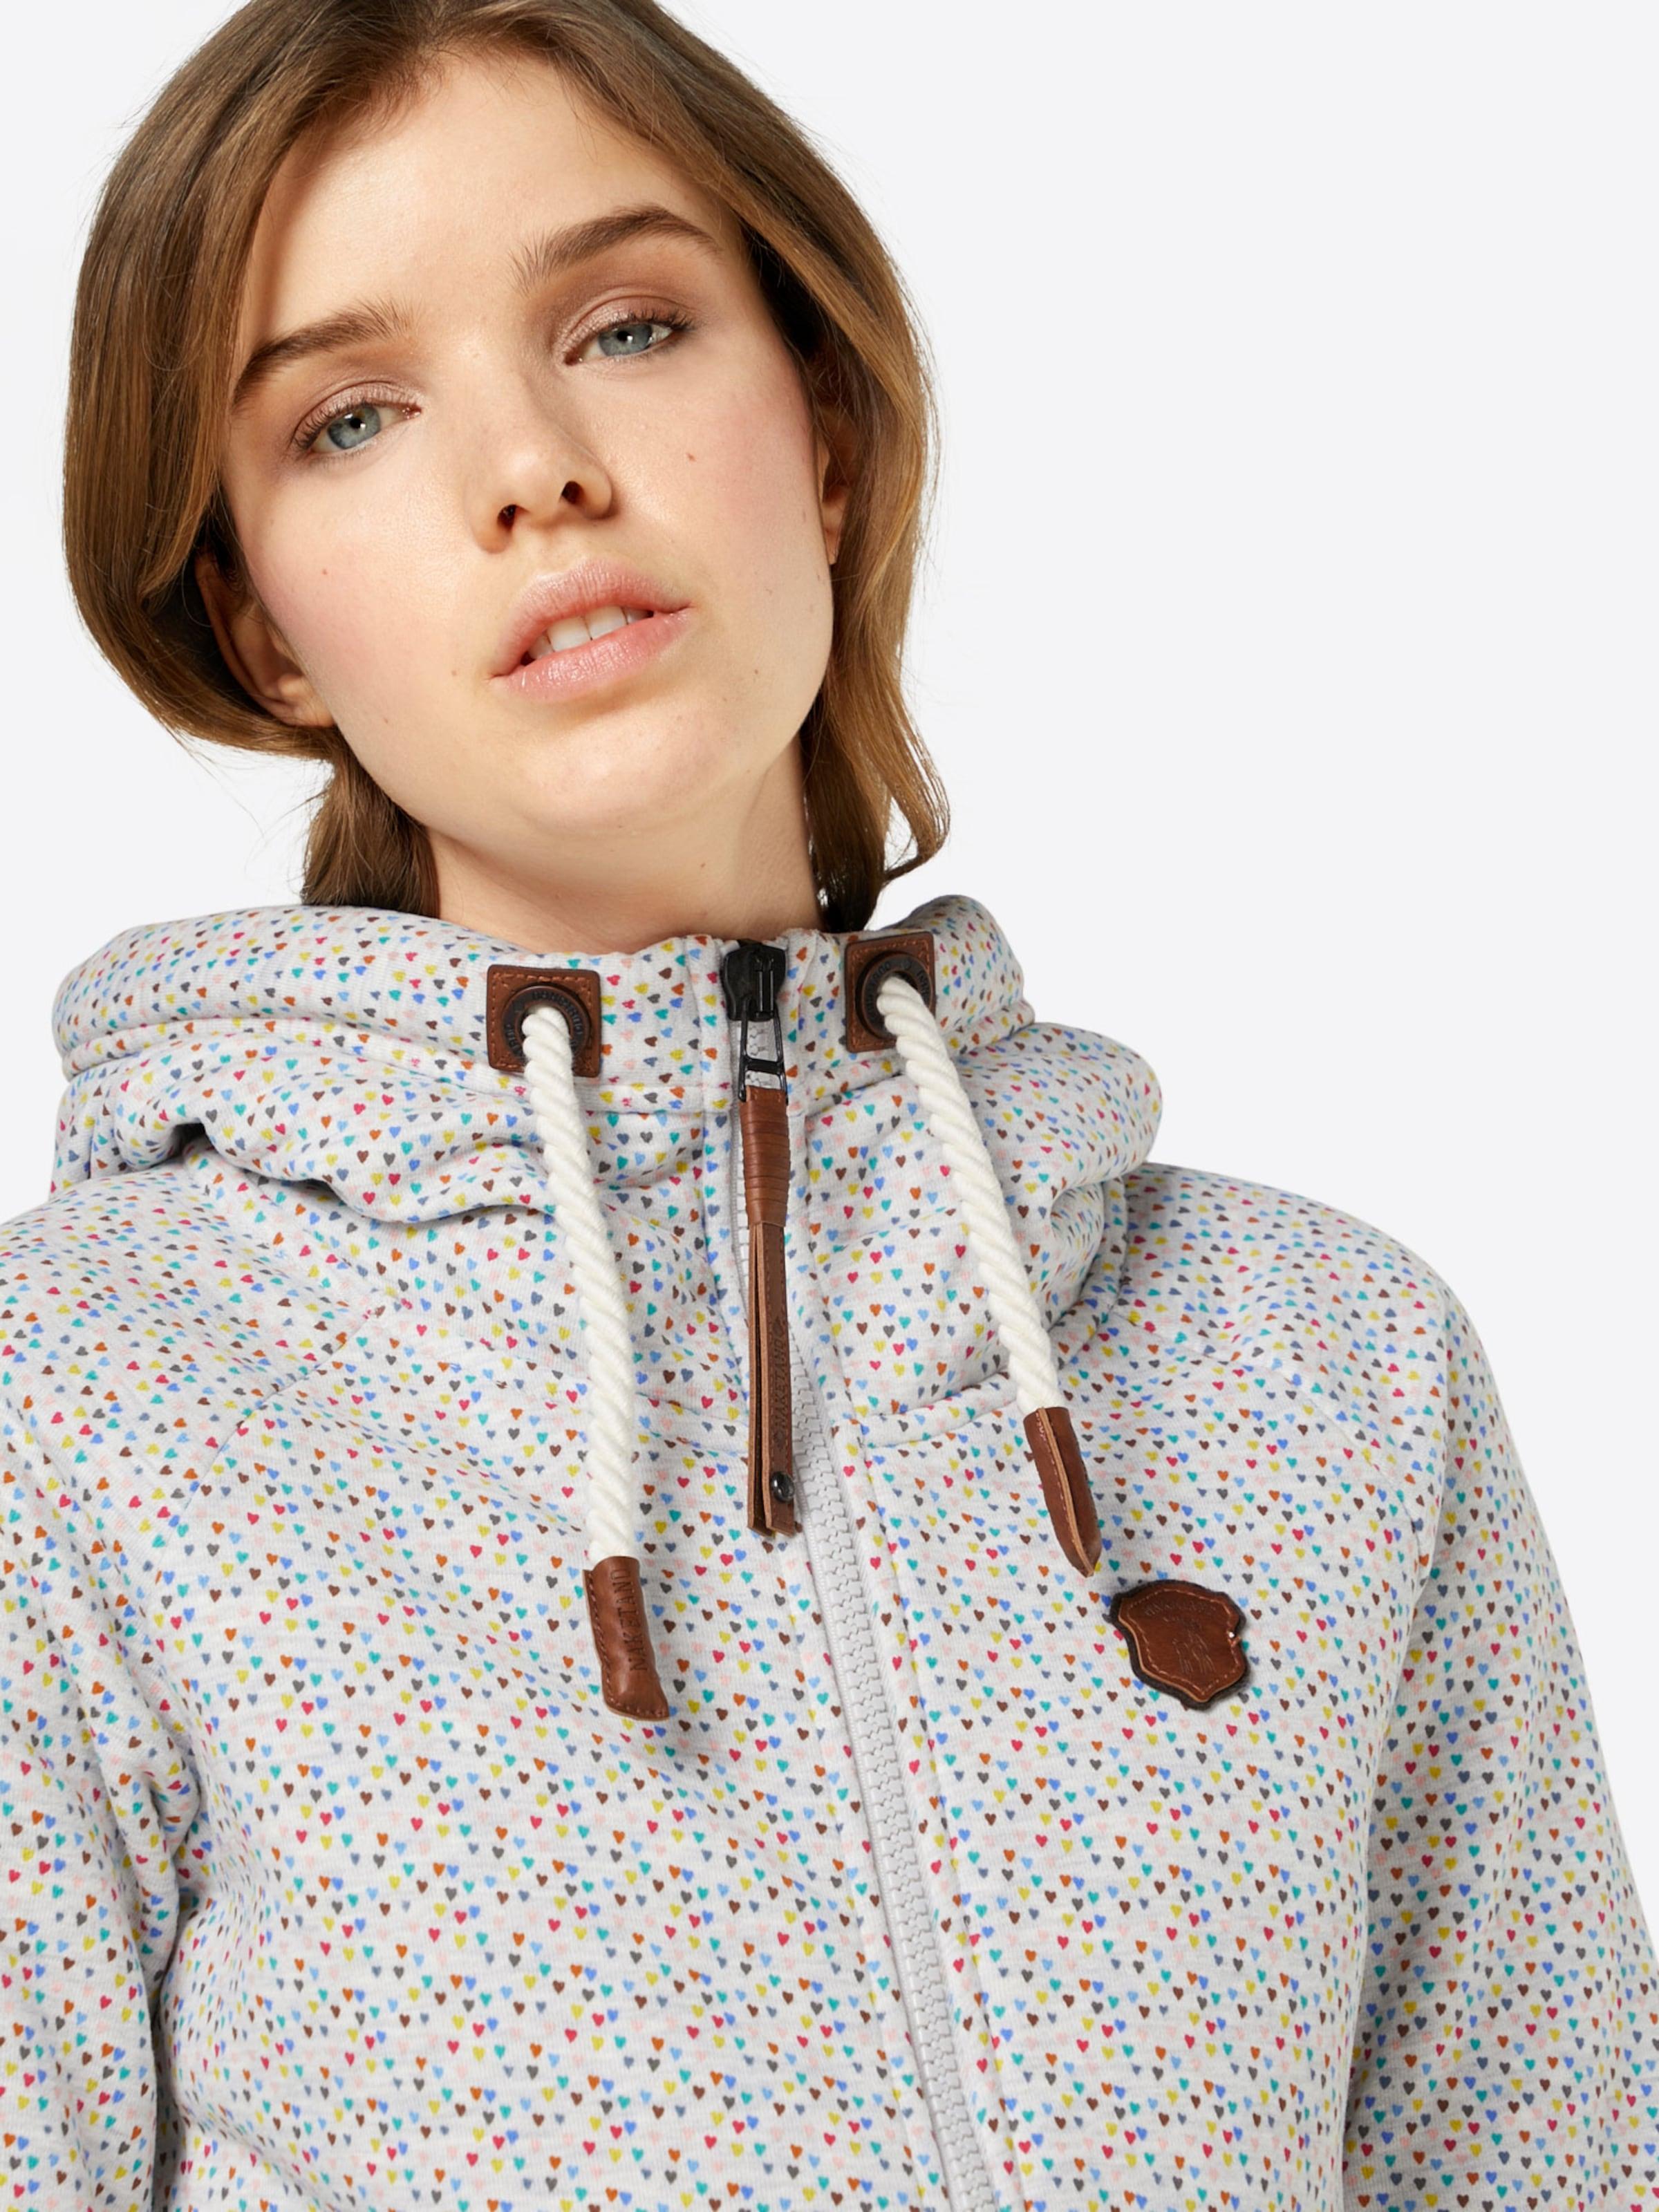 Steckdose Mit Paypal Online Bestellen Amazon Günstiger Preis naketano Sweatjacke 'Warum müssen Jacken?' Steckdose Countdown-Paket QSHIkk